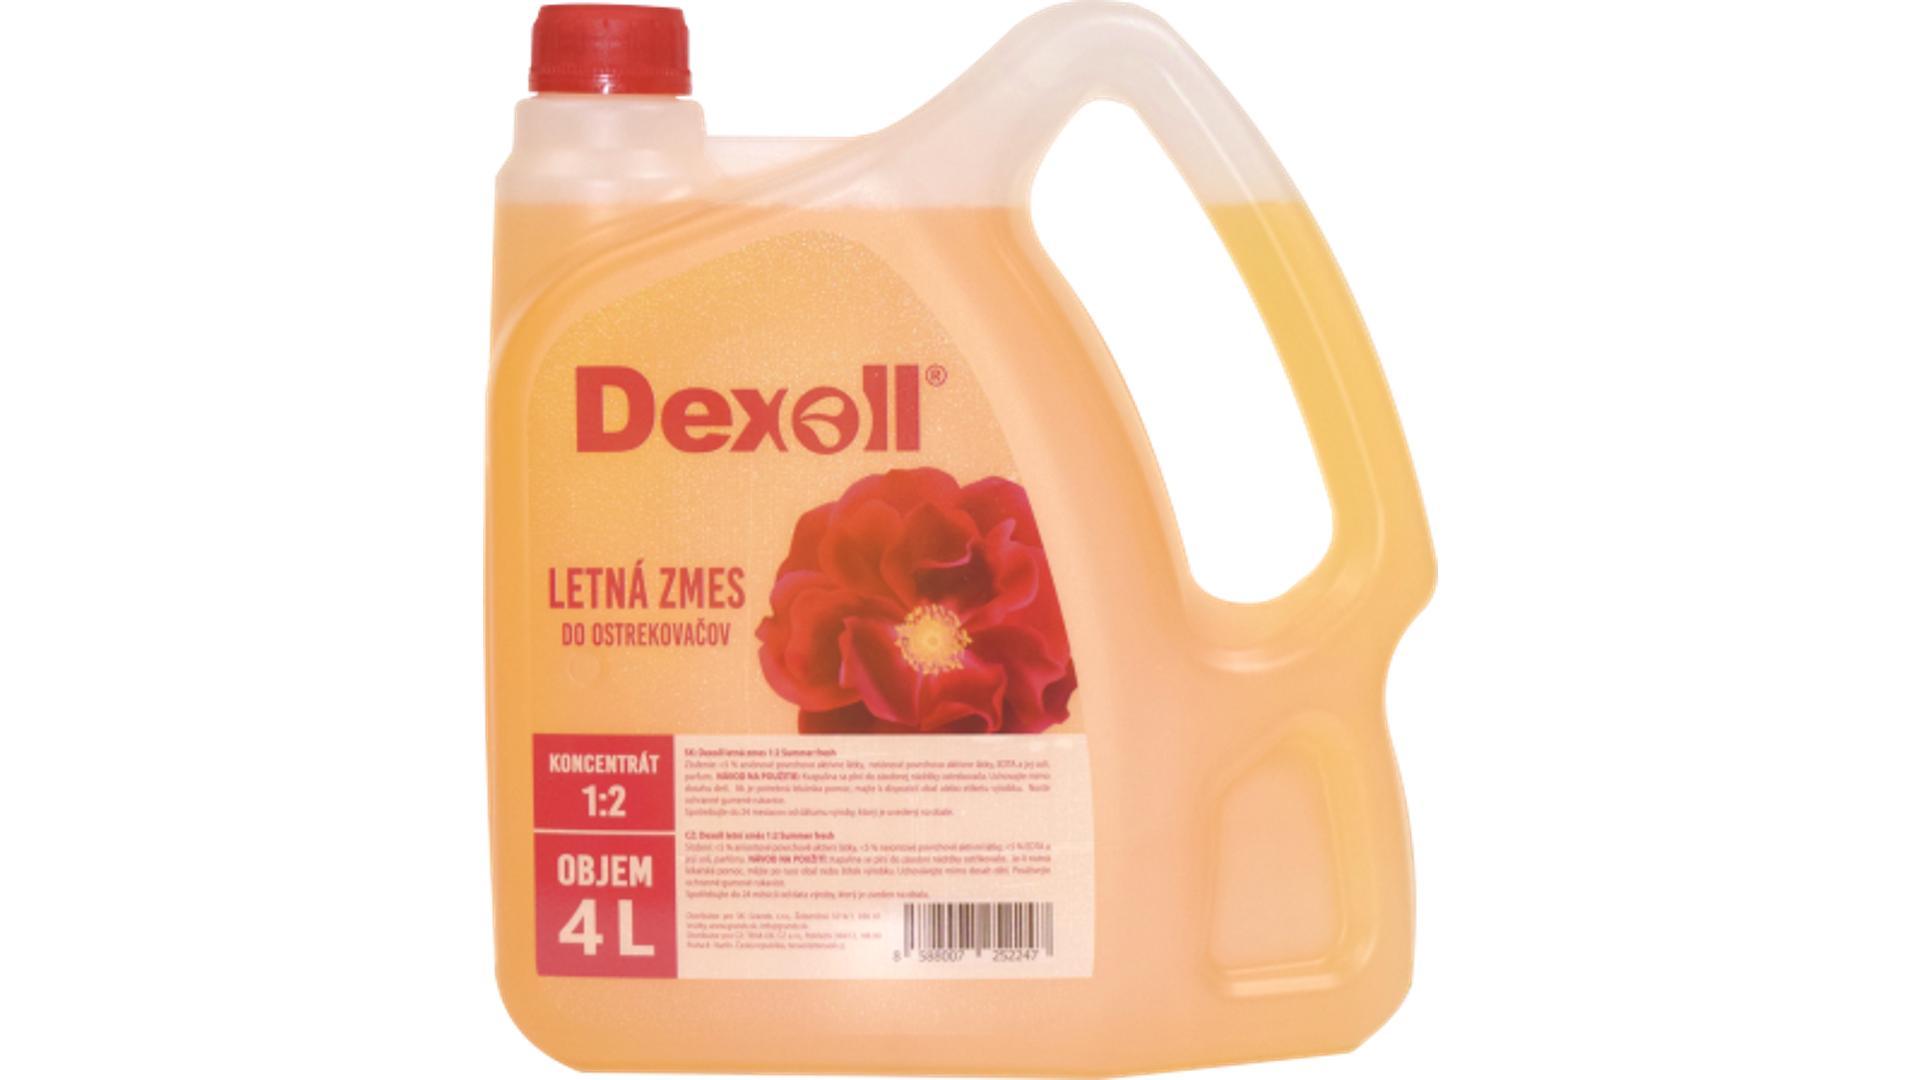 DEXOLL Letná Zmes 4L Summer Fresh 1:2